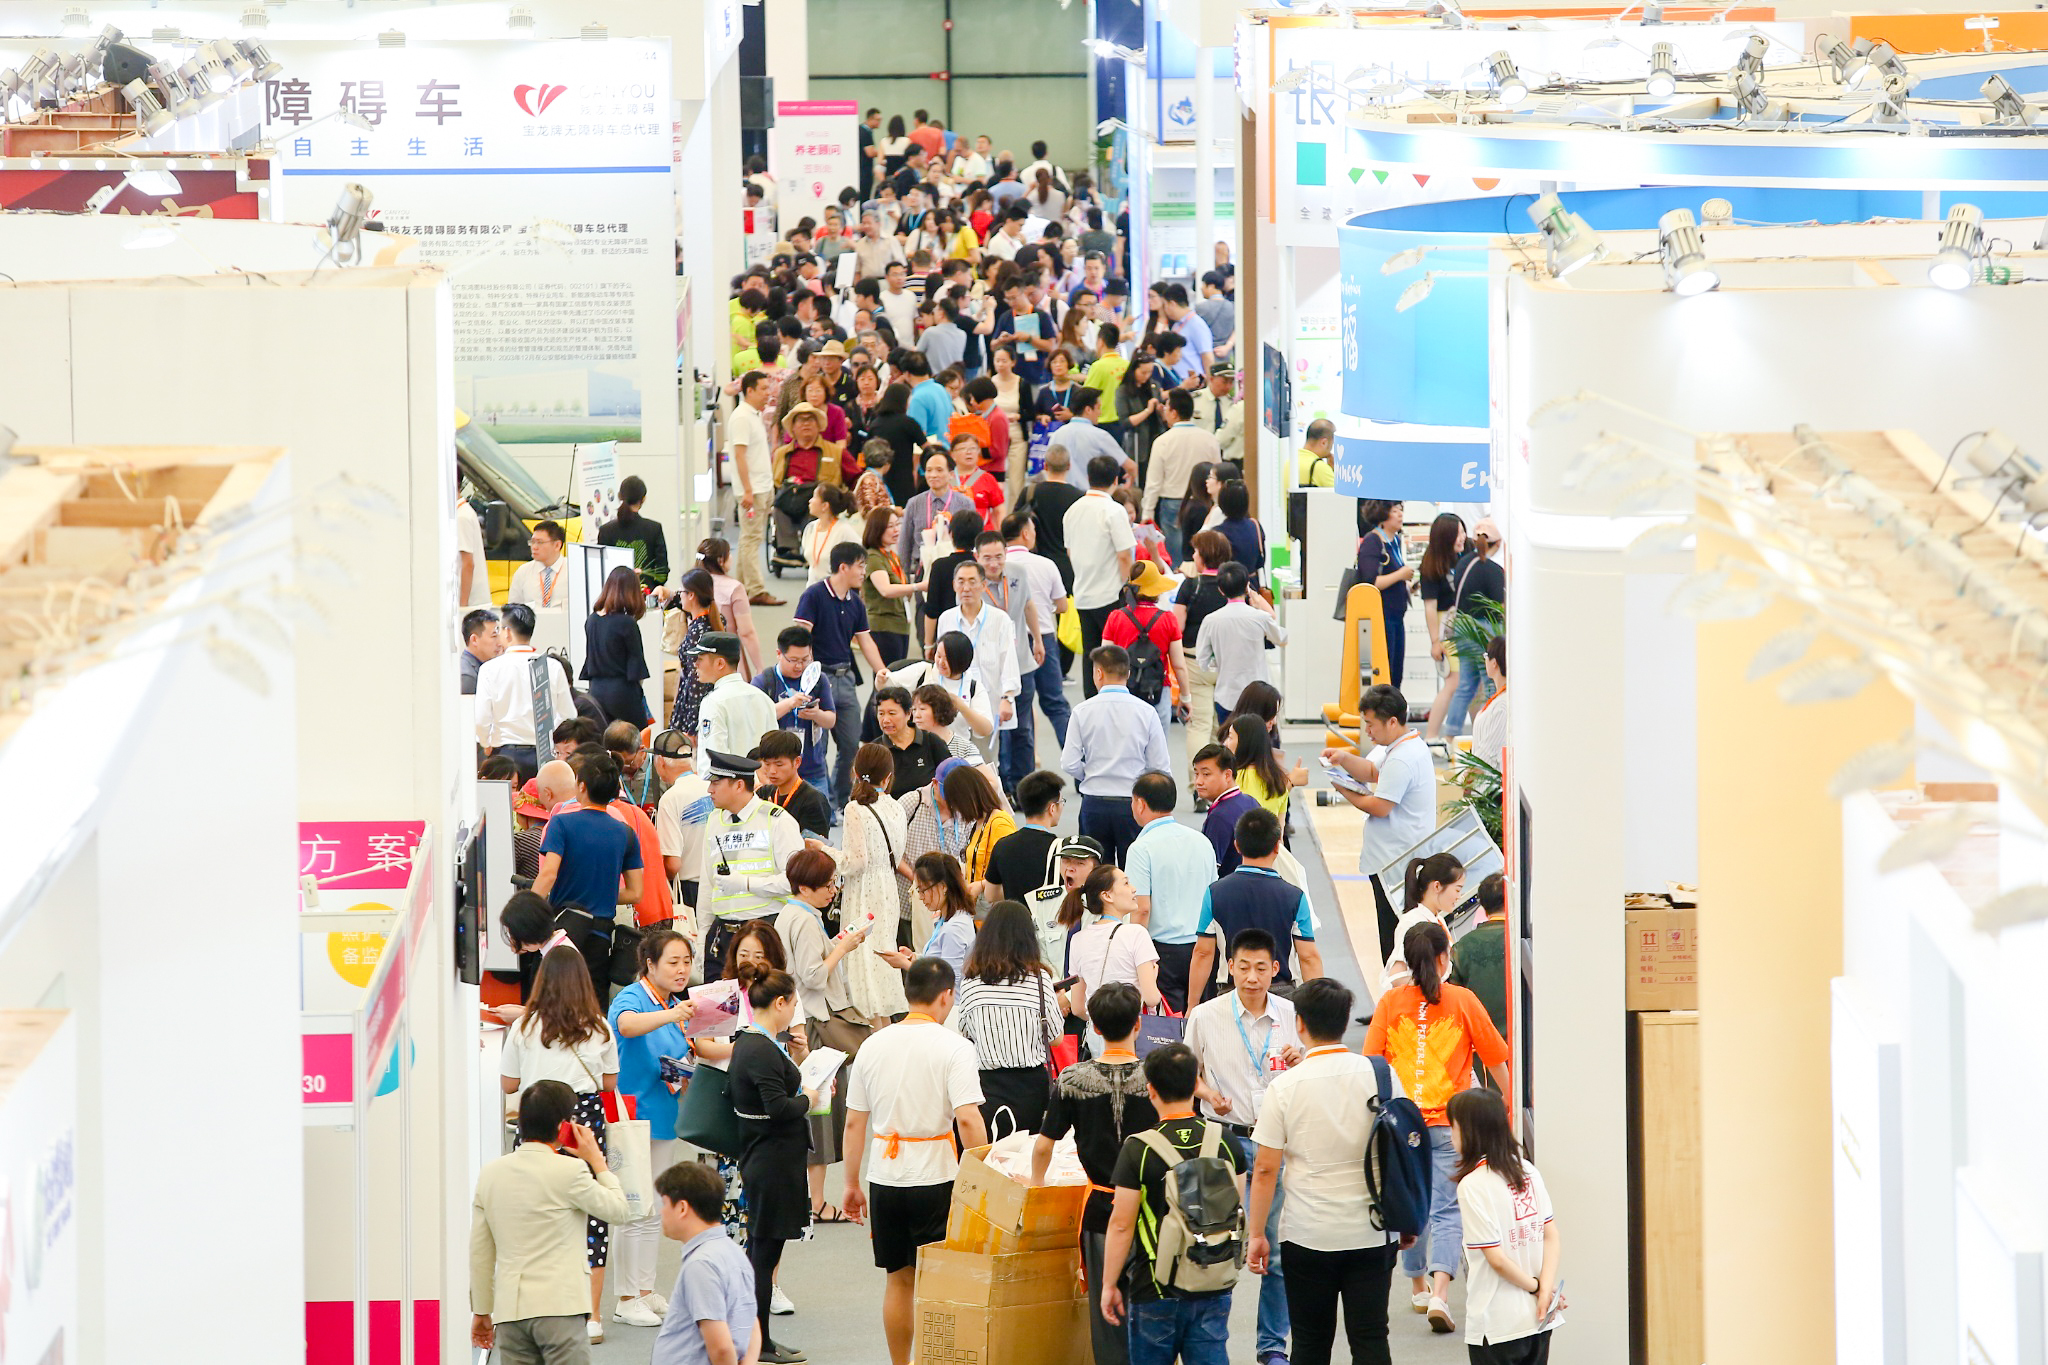 上海国际养老、辅具及康复医疗博览会